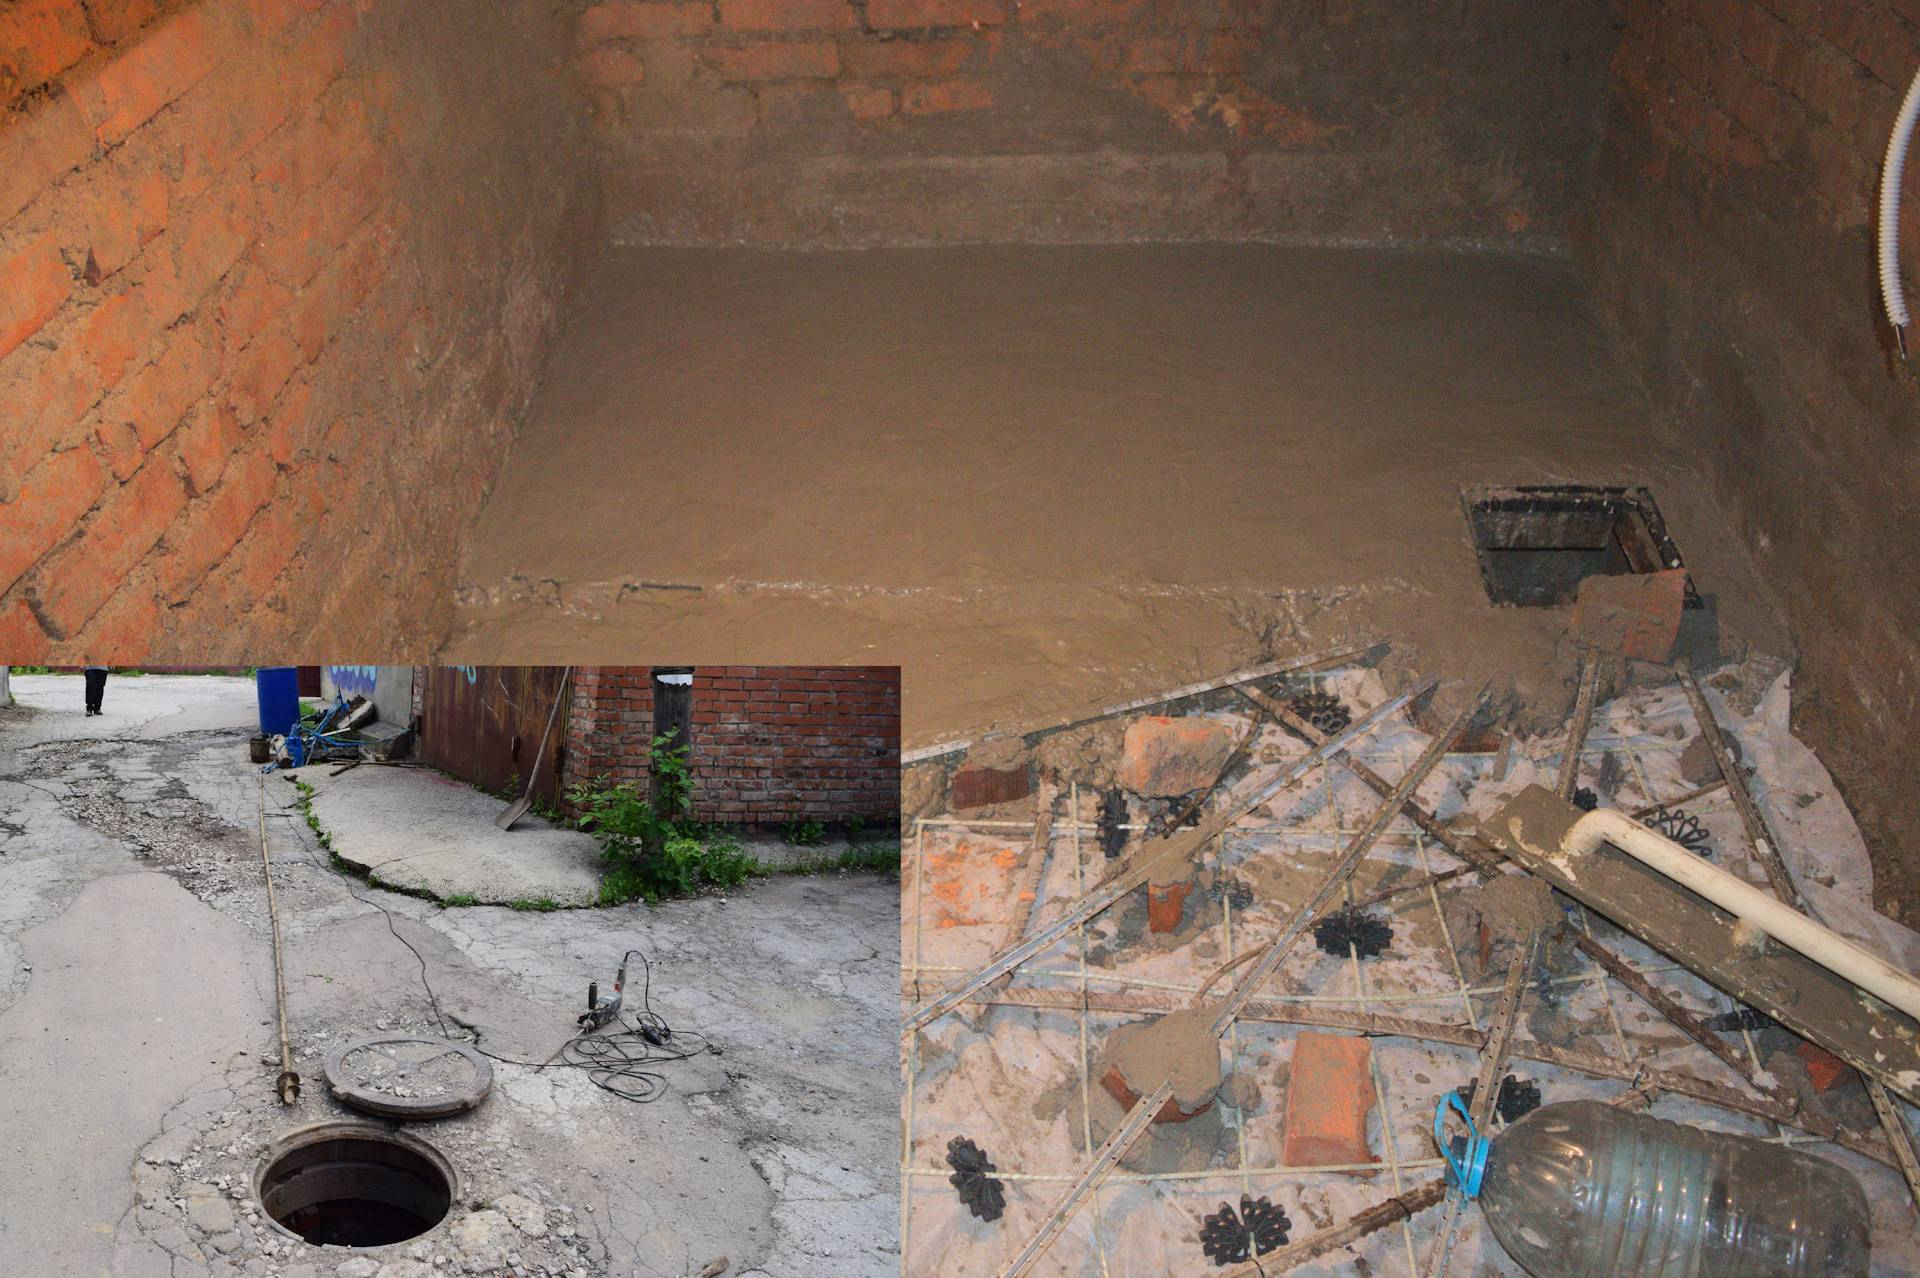 Как просушить погреб: от сырости и грибка, грунтовых вод, после затопления водой, известью, свечкой, без электричества, насоса, вентиляции